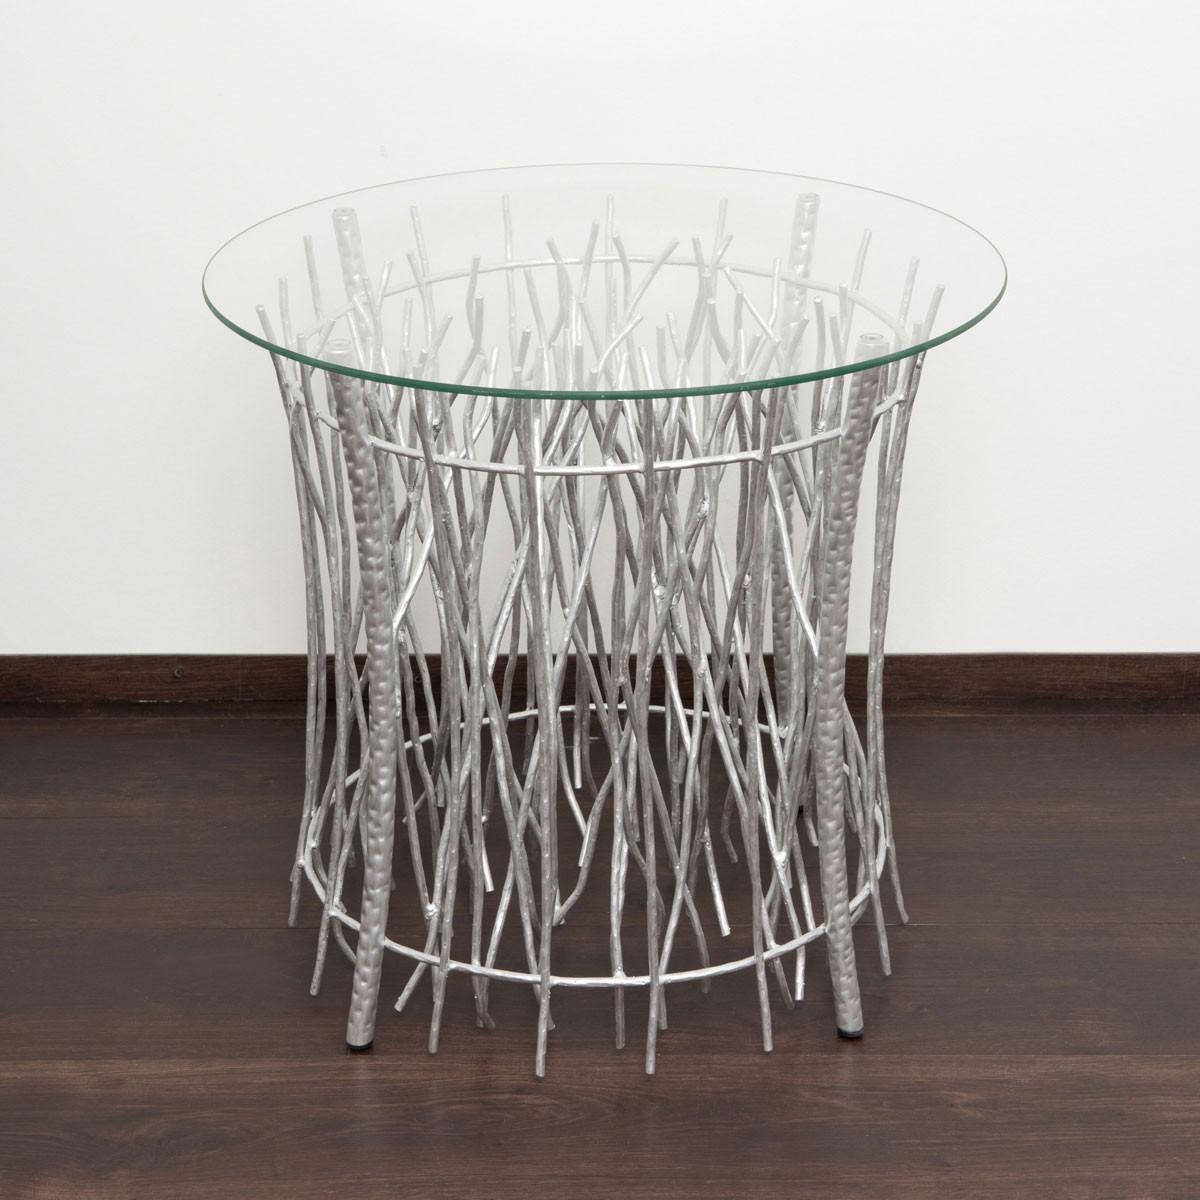 90 wohnzimmertisch in silber rund couchtisch silber for Designer couchtisch glas metall